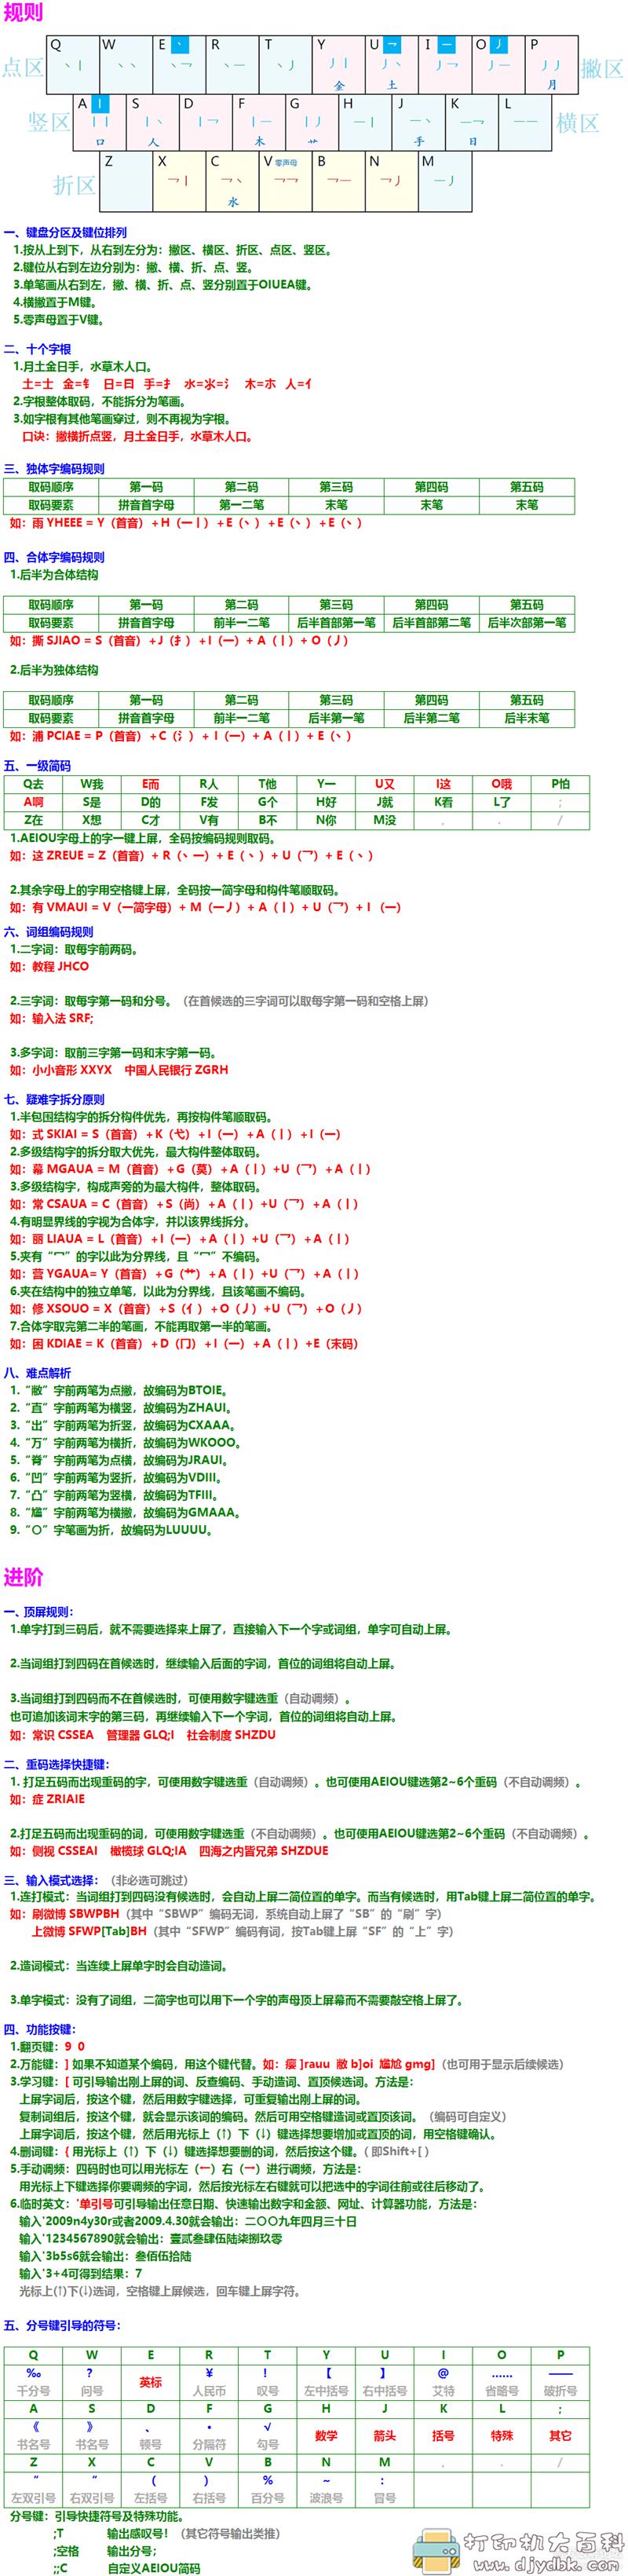 [Windows]分享一个全新输入法:顶功输入法「小小音形」10个字根,3键上屏 自动调频自动造词图片 No.3